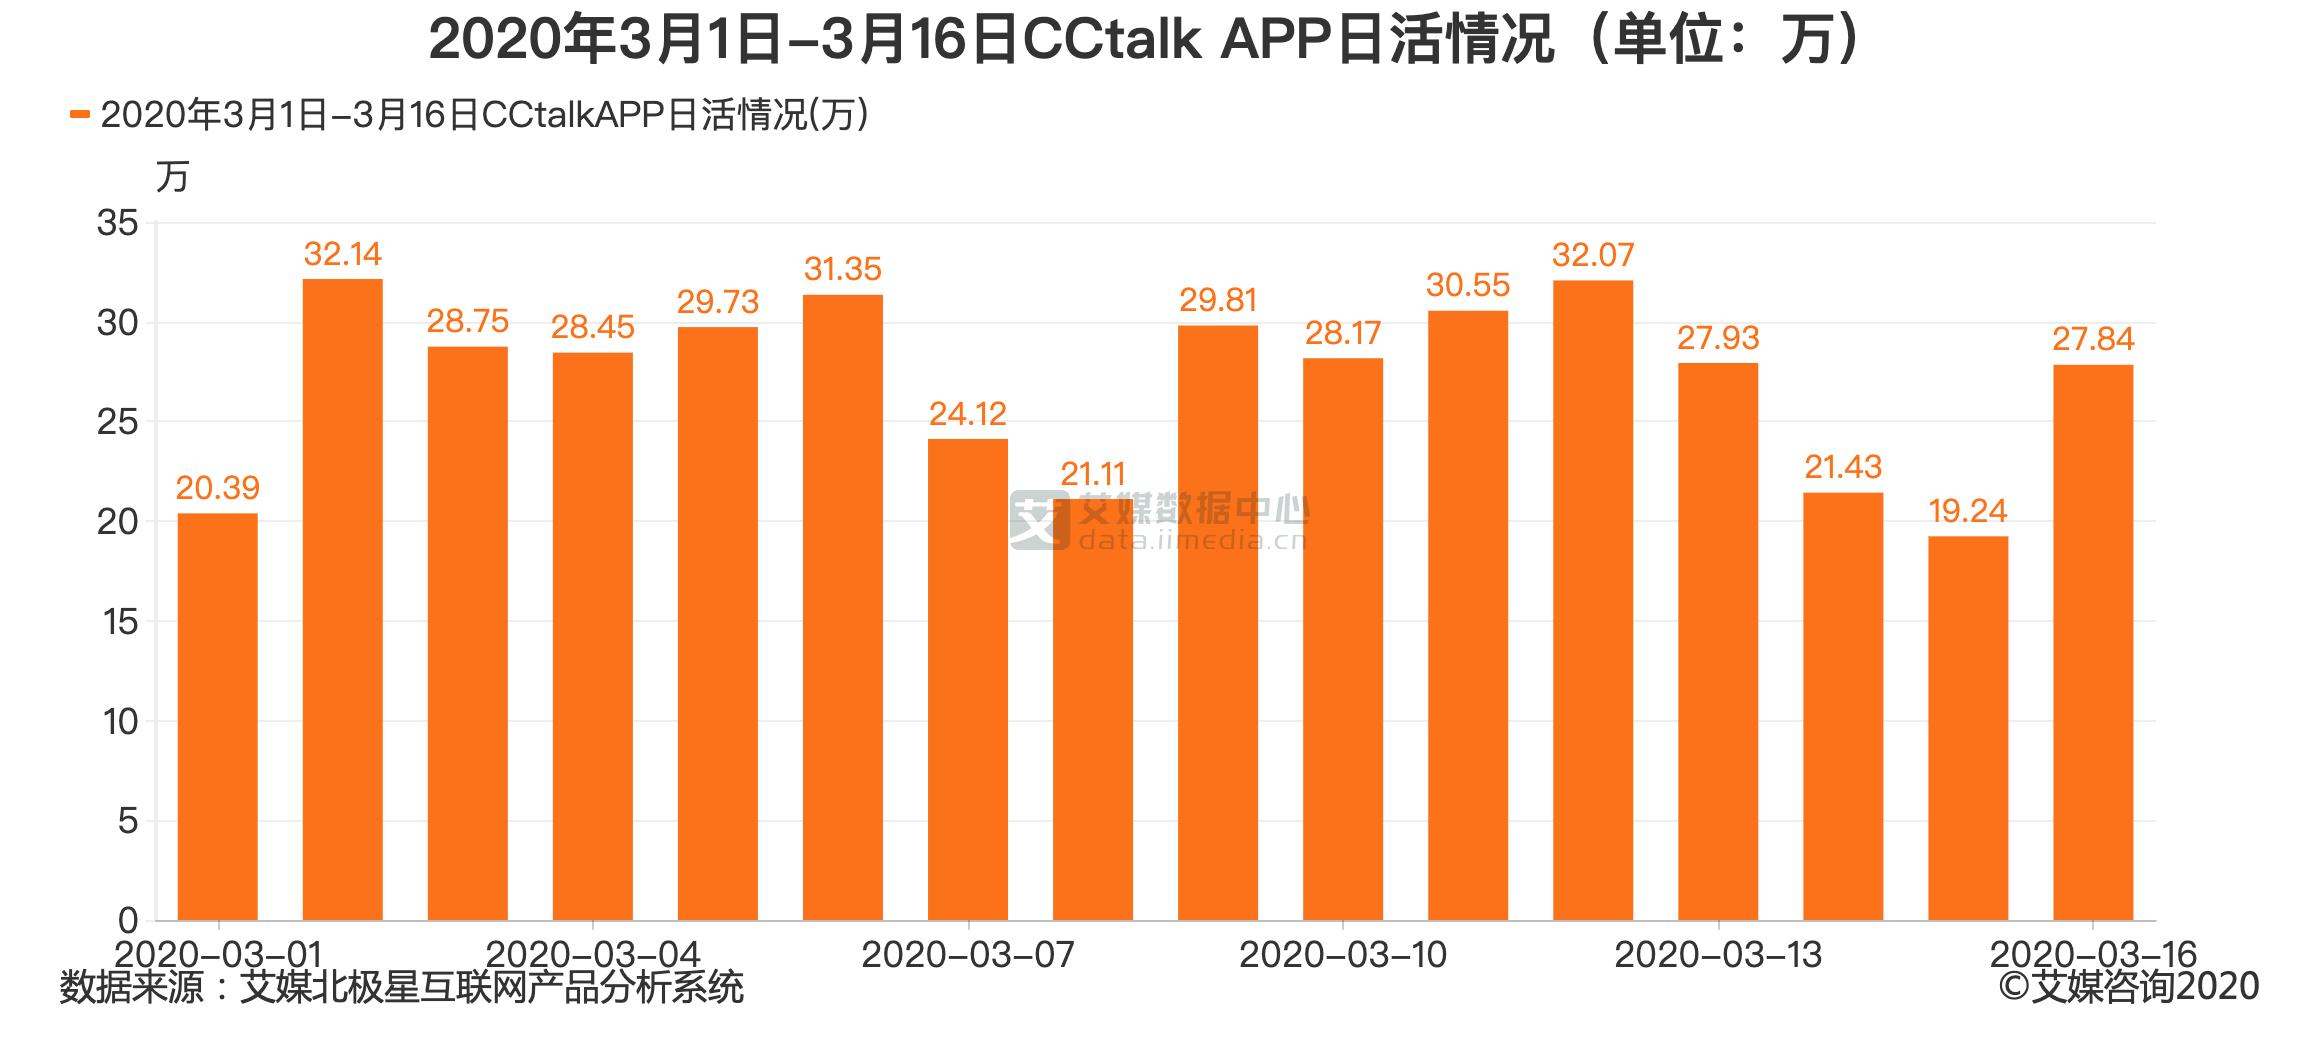 2020年3月1日-3月16日CCtalk APP日活情况(单位:万)